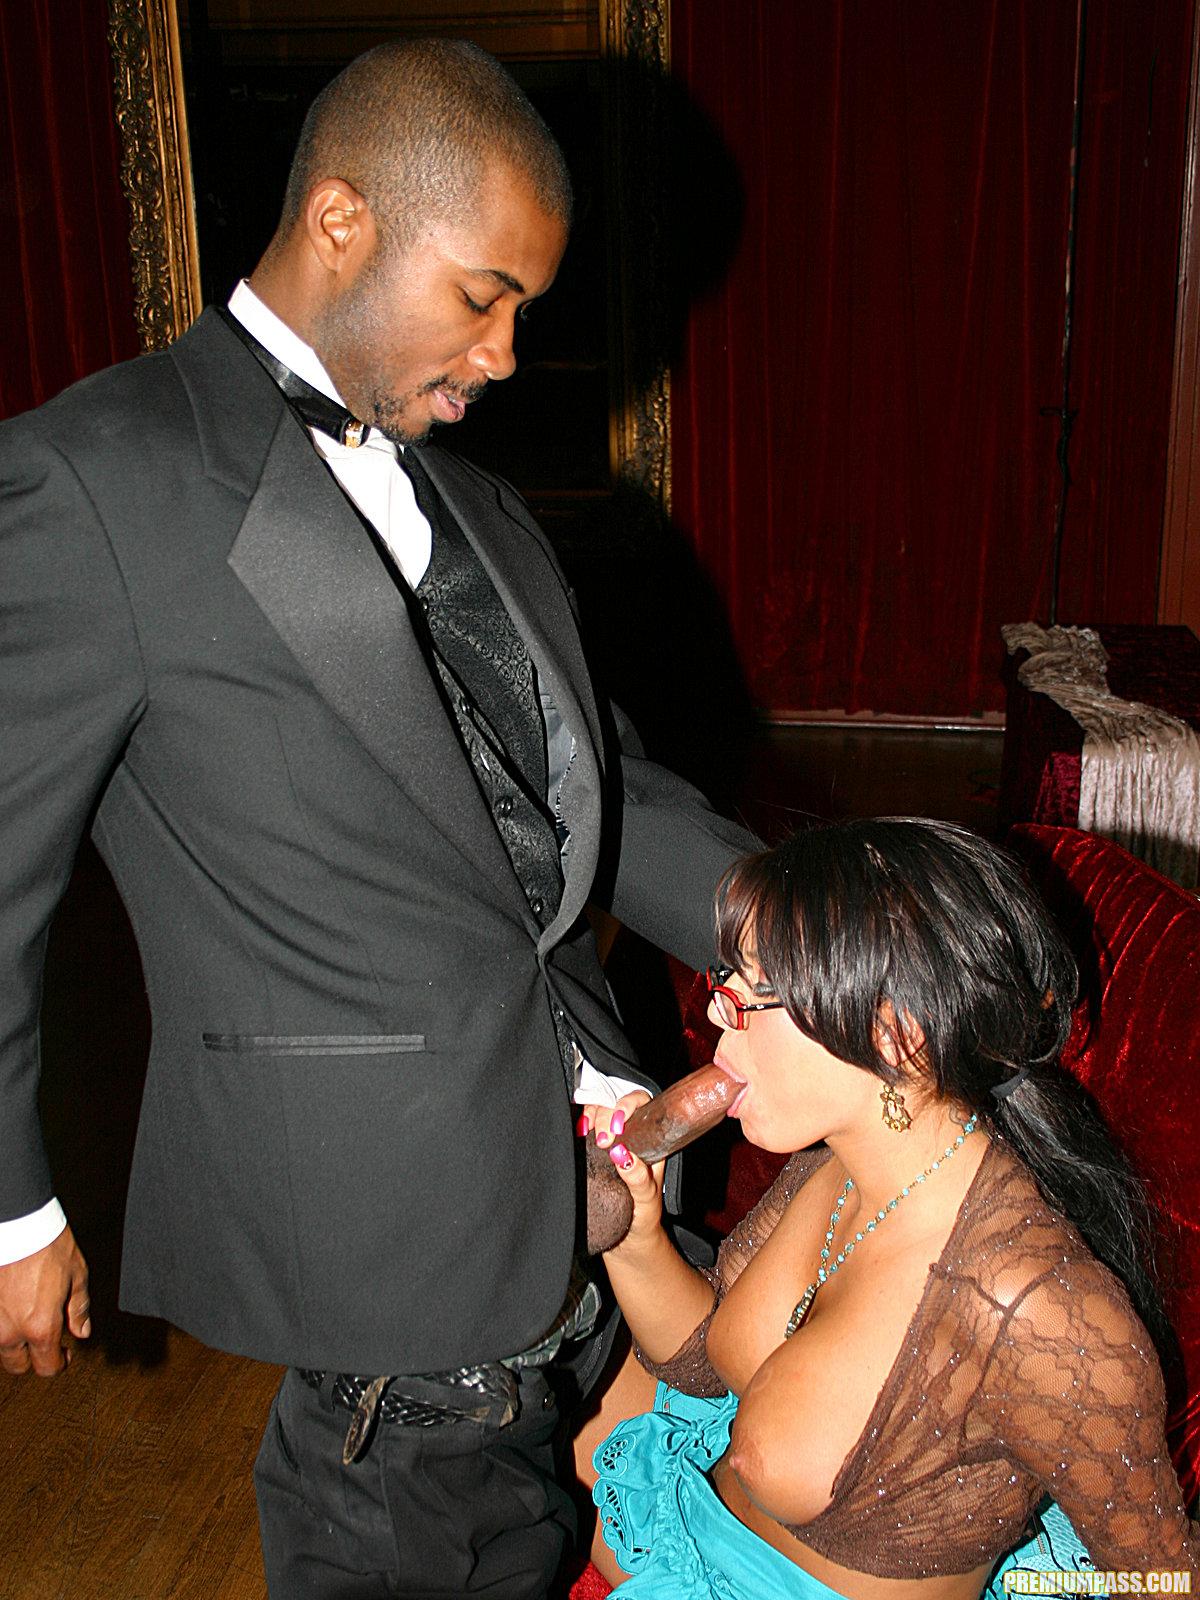 Eva Angelina - Interracial Sex in Public... Oops 56131